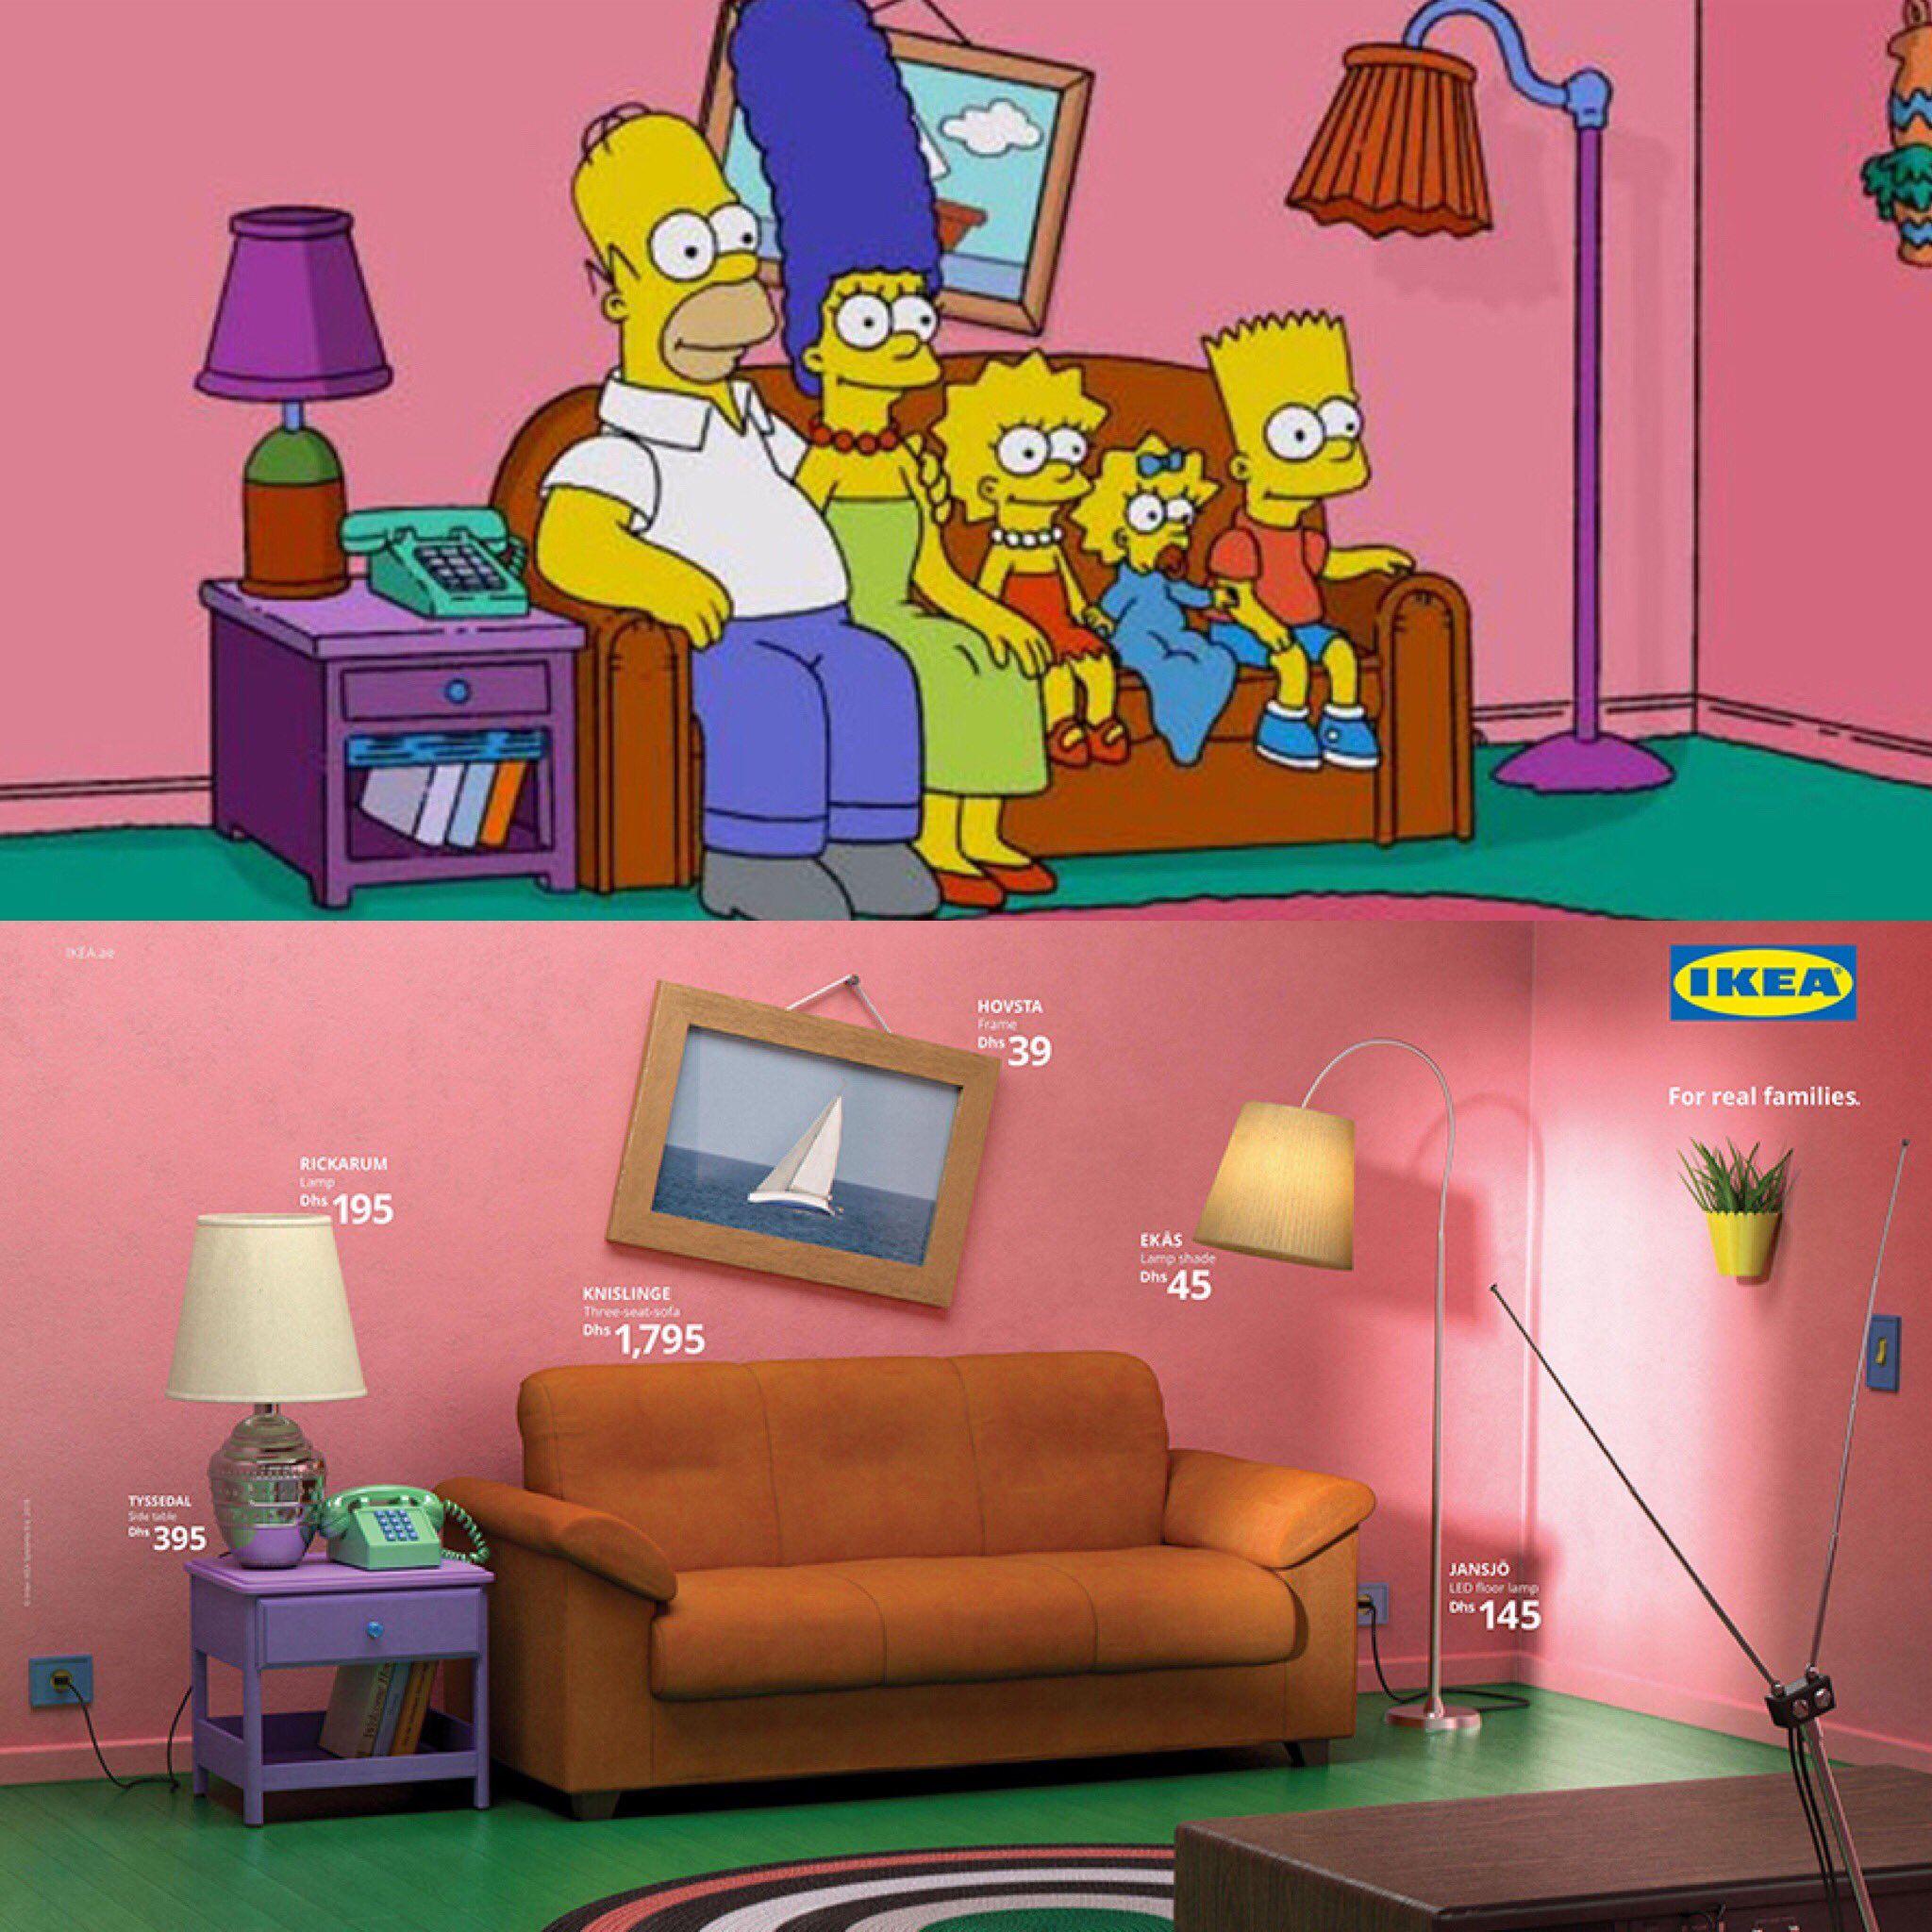 Matthew Kobach on | Ikea, Kris jenner house, Living room tv